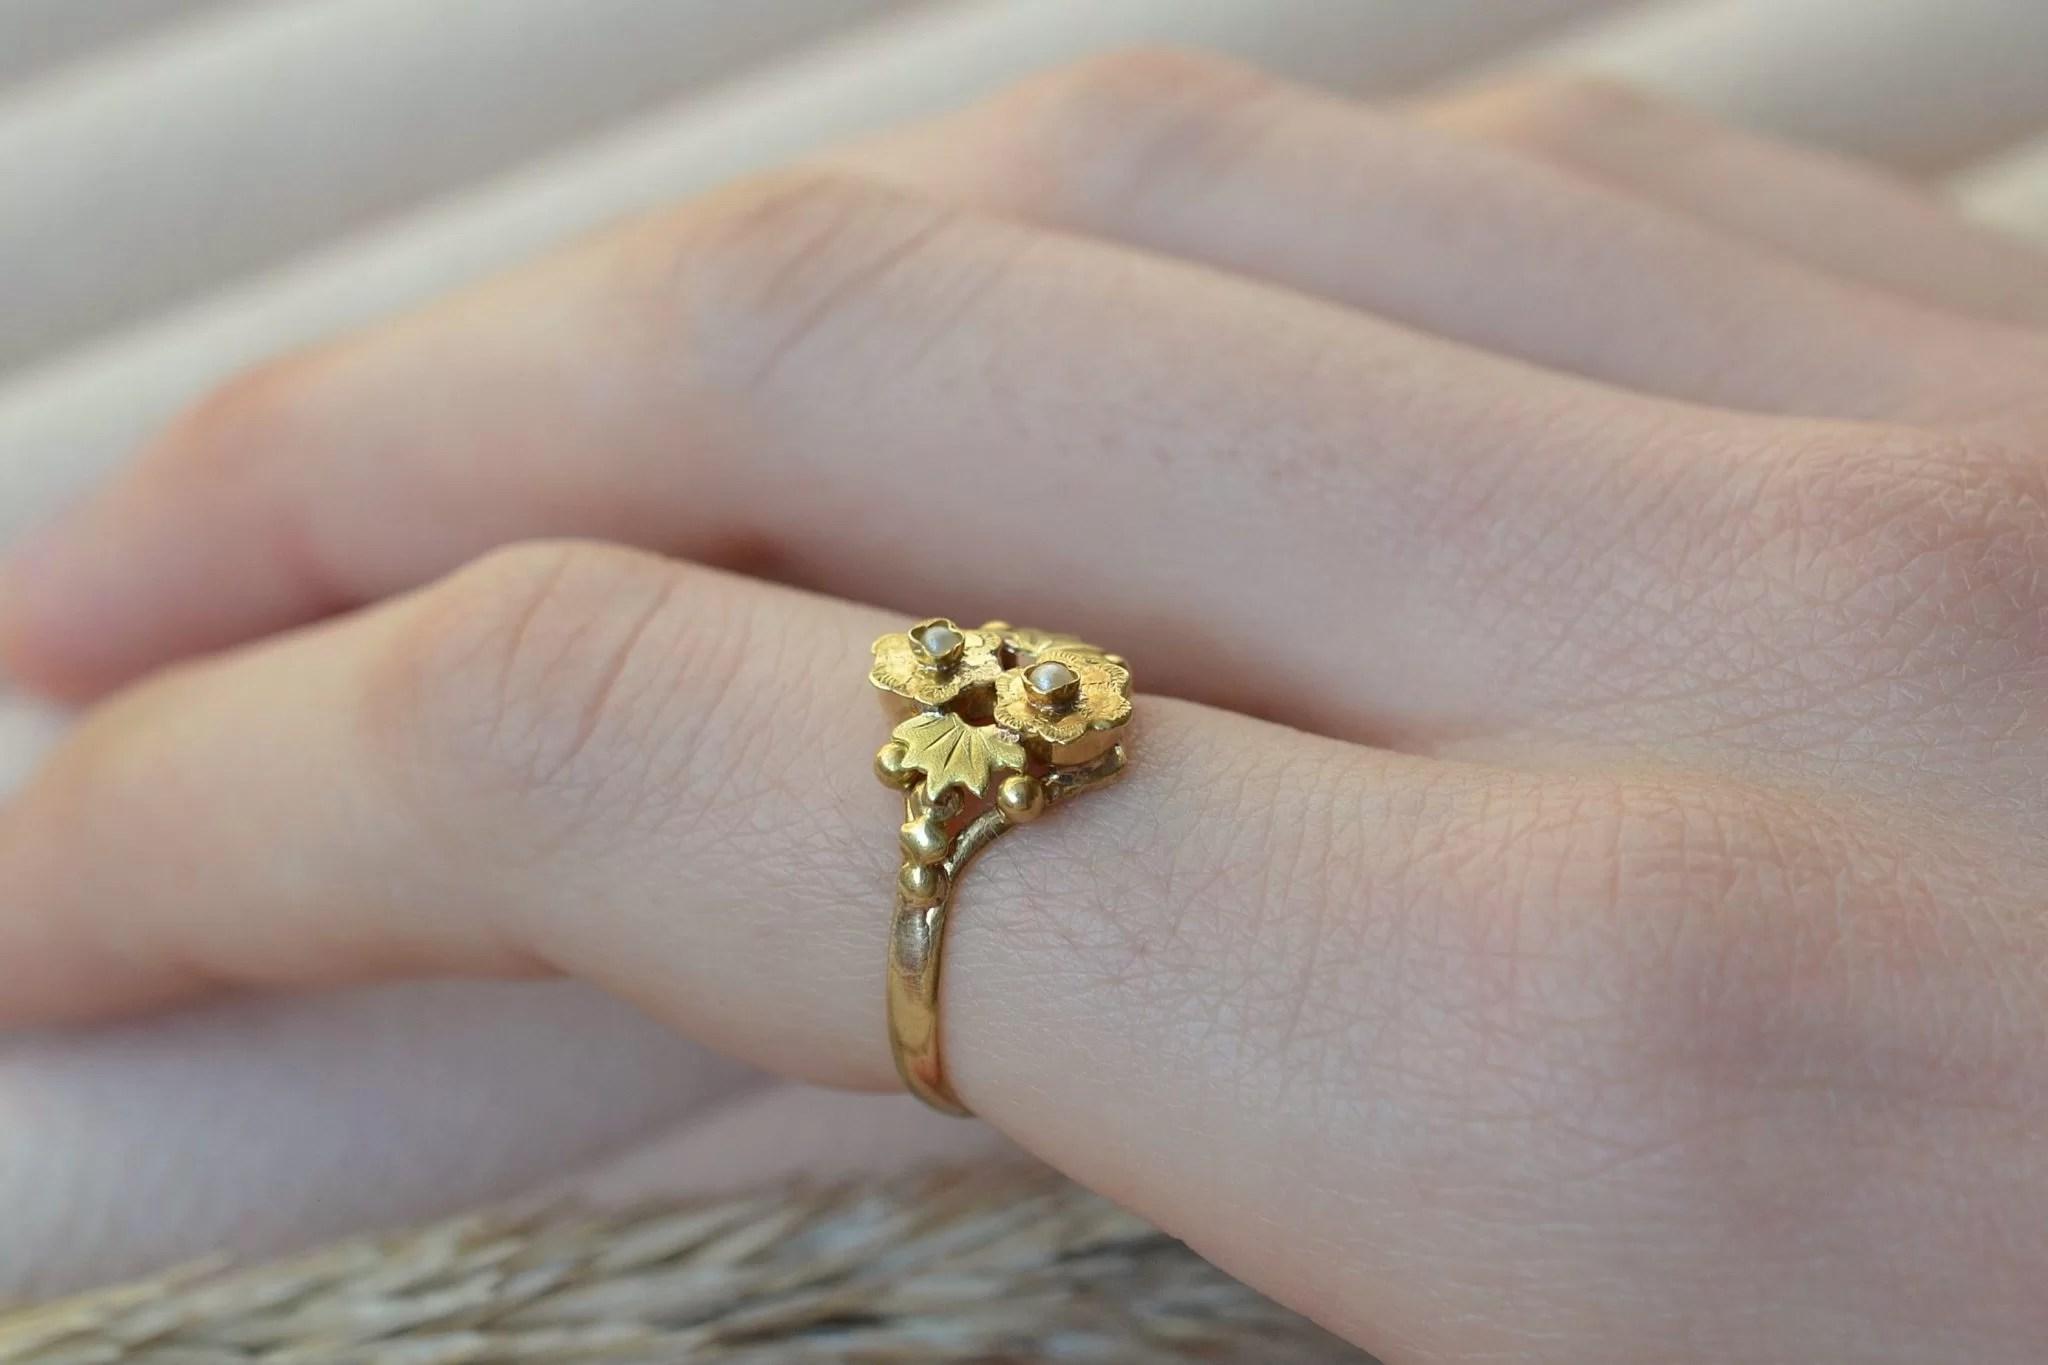 Bague ancienne en Or jaune à motifs de fleurs serties de petites perles - bague éthique et éco-responsable